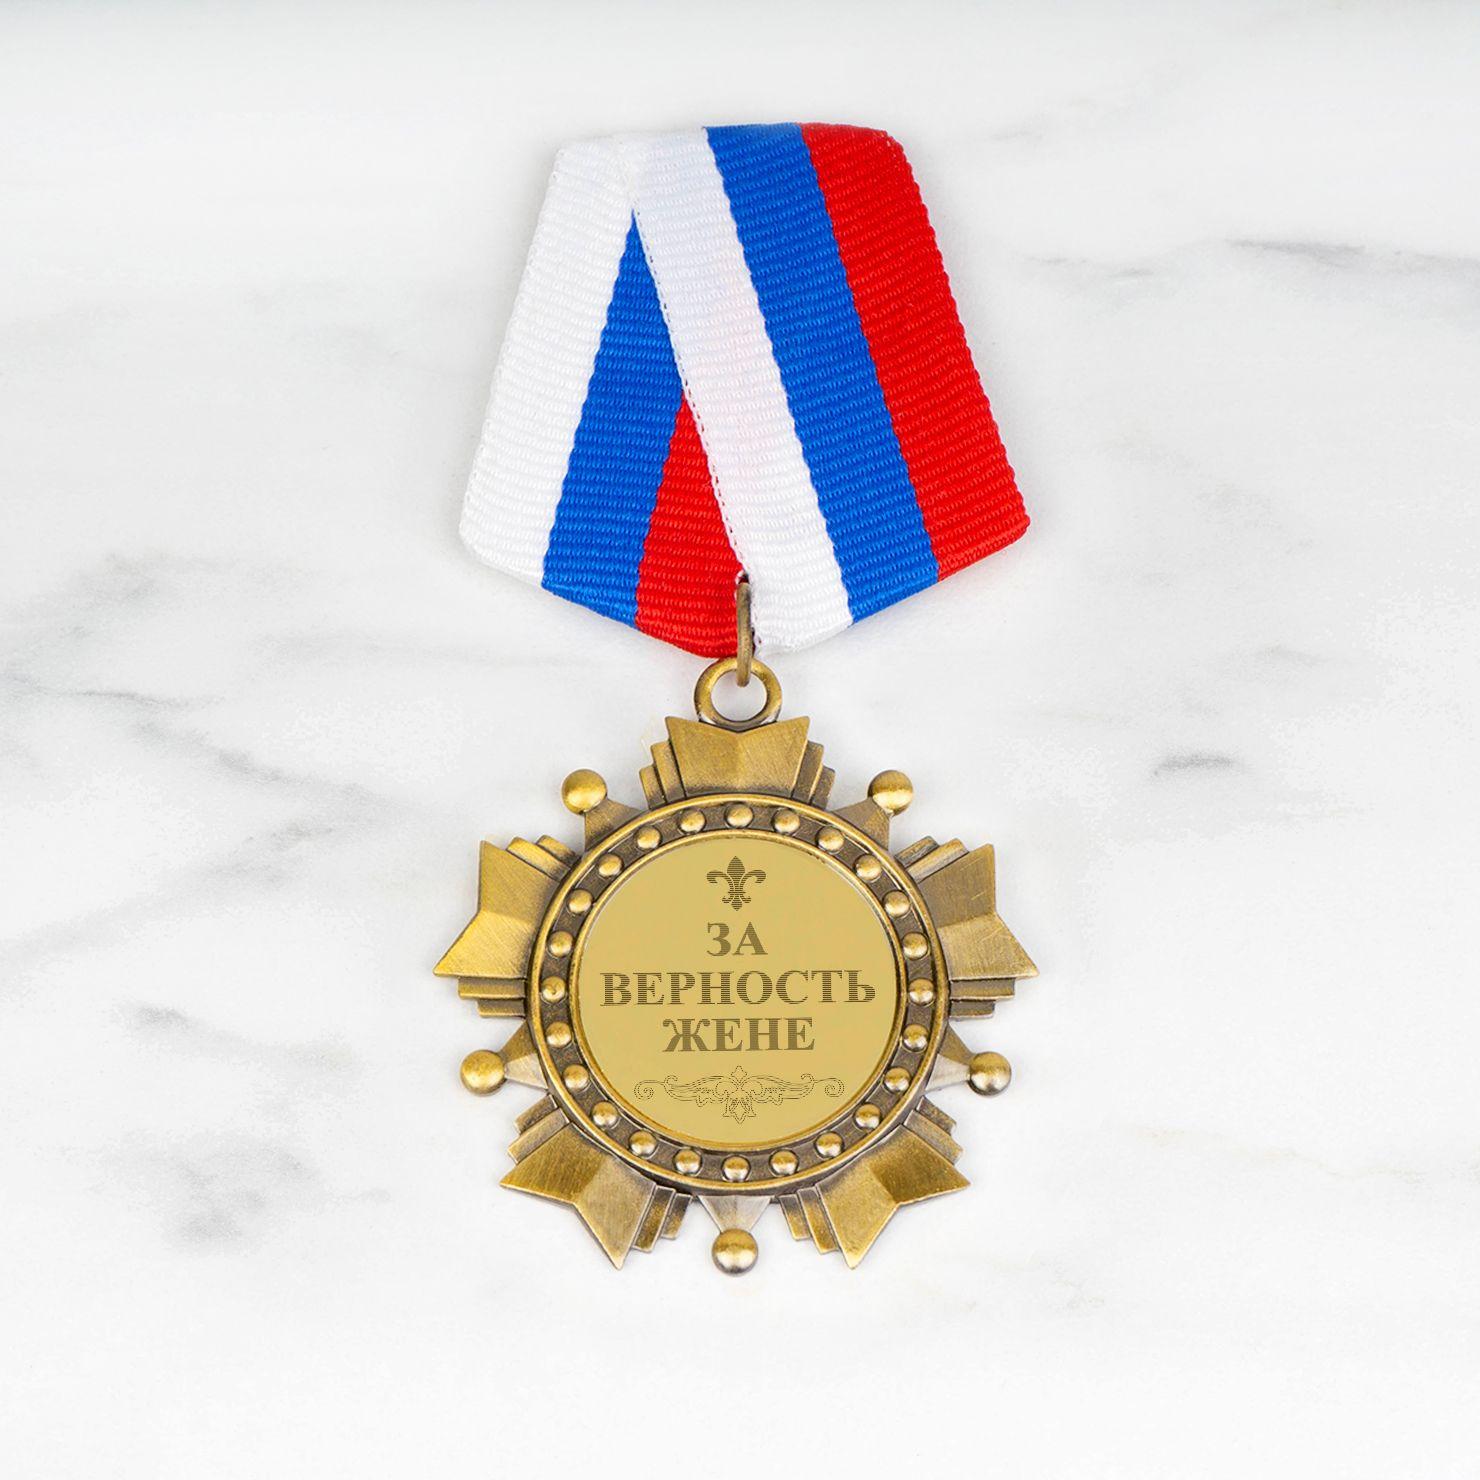 Орден *За верность жене*